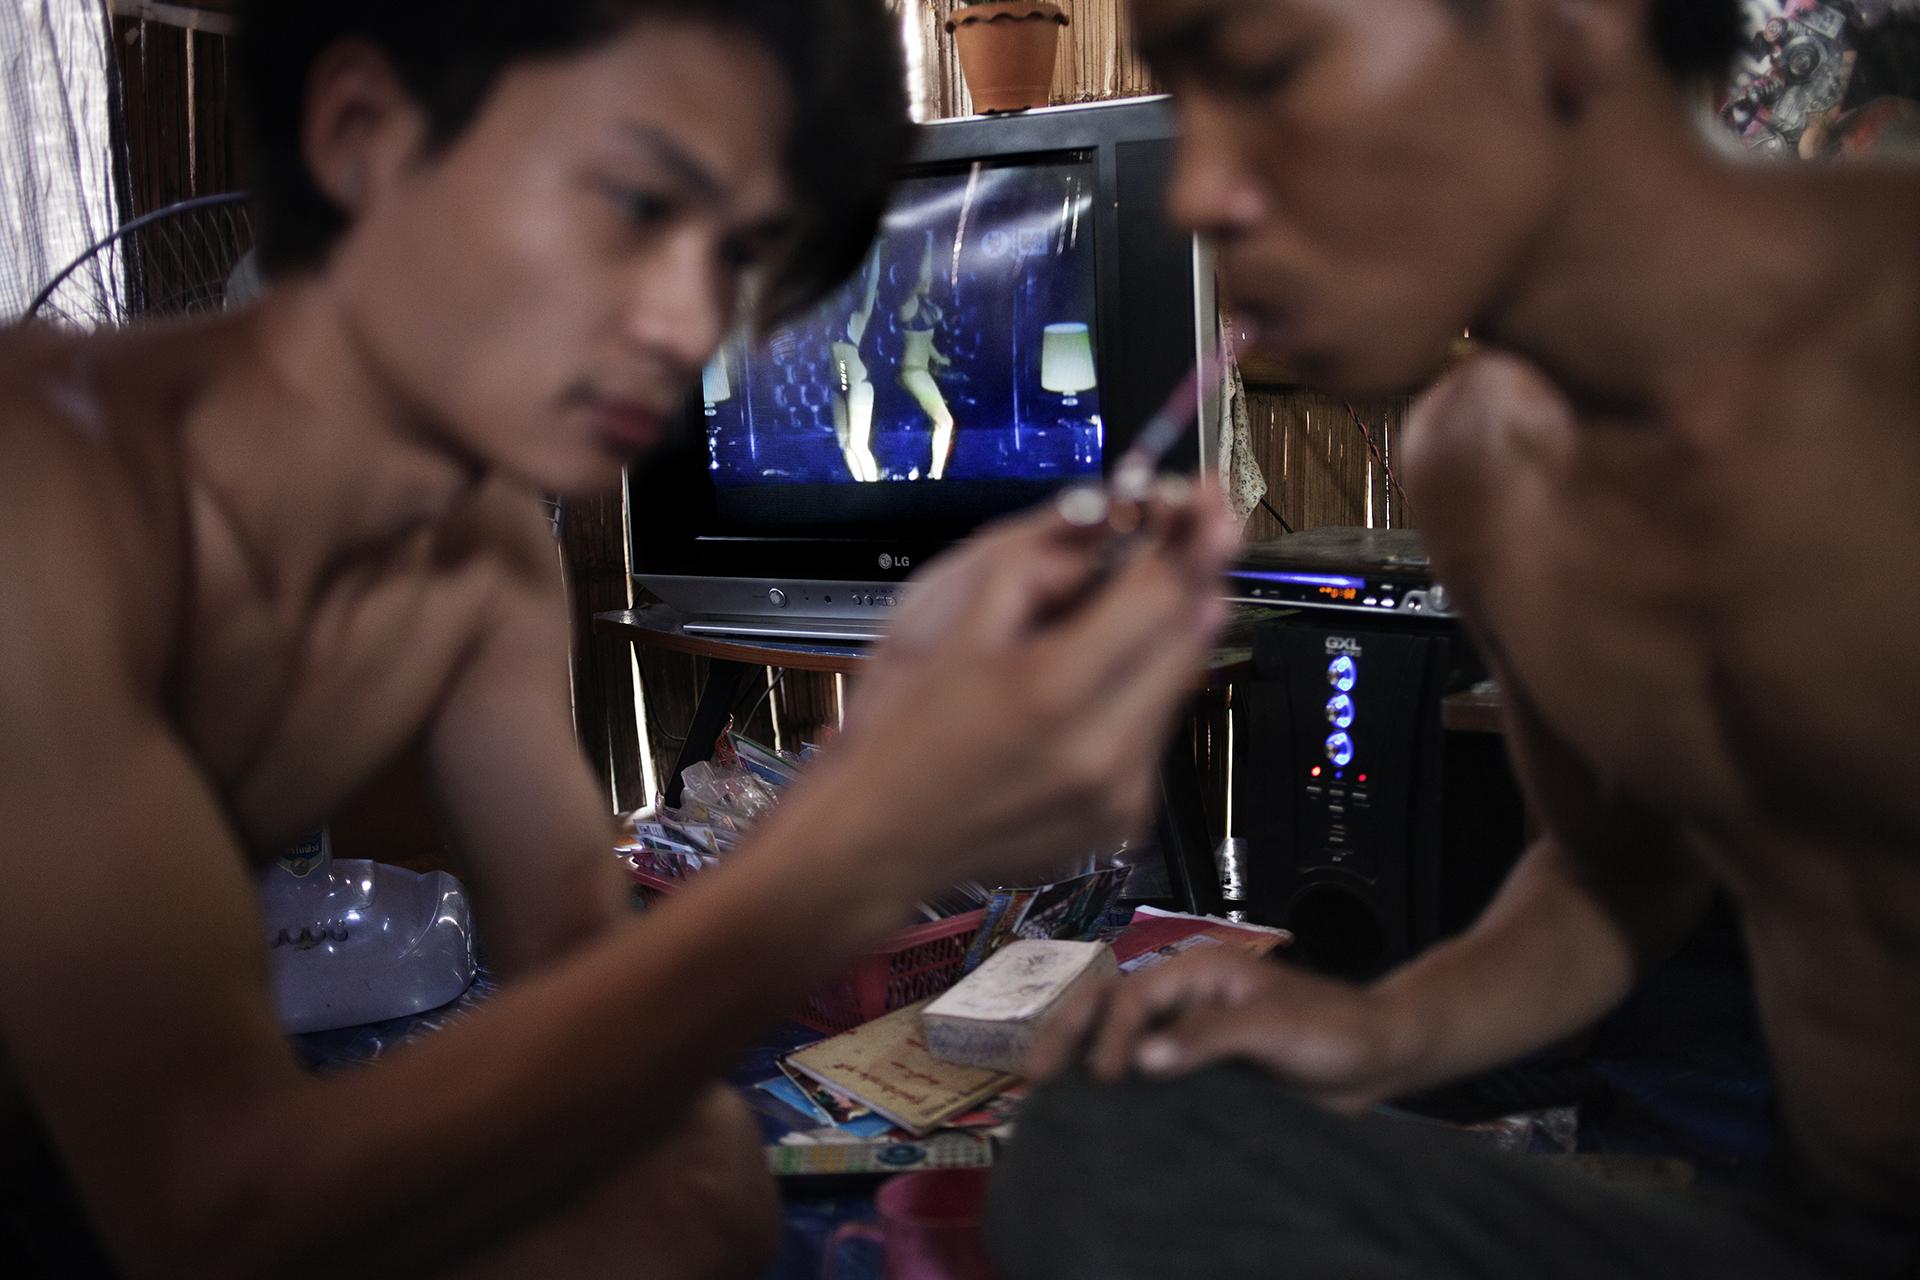 Des jeunes hommes fument du yaba dans une hutte du camp de réfugiés de Mae La. Cette substance de synthèse est produite en Birmanie et est composée de méthaamphétamine et de caféine. Cette drogue très addictive fait des ravages en Asie du sud-est et particulièrement en Birmanie et Thaïlande. La plupart des prostituées l'utilisent pour mieux supporter leurs conditions de travail. Camp de réfugiés de Mae La, Thaïlande, octobre 2013Young guys are smoking Yaba a local methanphetamine based drug. This drug is commonly used by sexworkers as well.Mae La camp, thailand. October 2013.